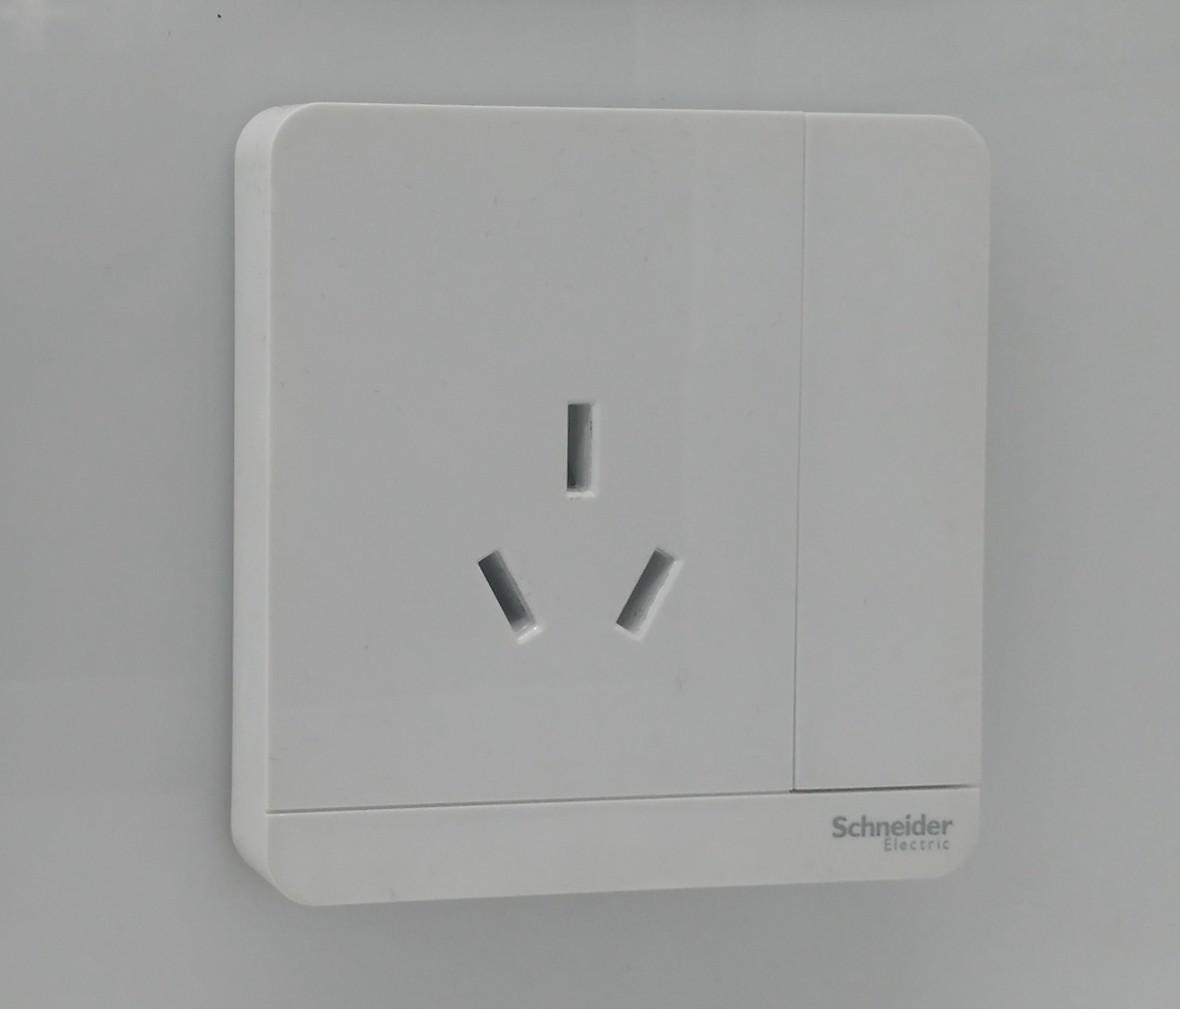 施耐德 轻点系列 一开三孔16A开关插座 PC材质 耐高温 防漏电 安全插座 实拍